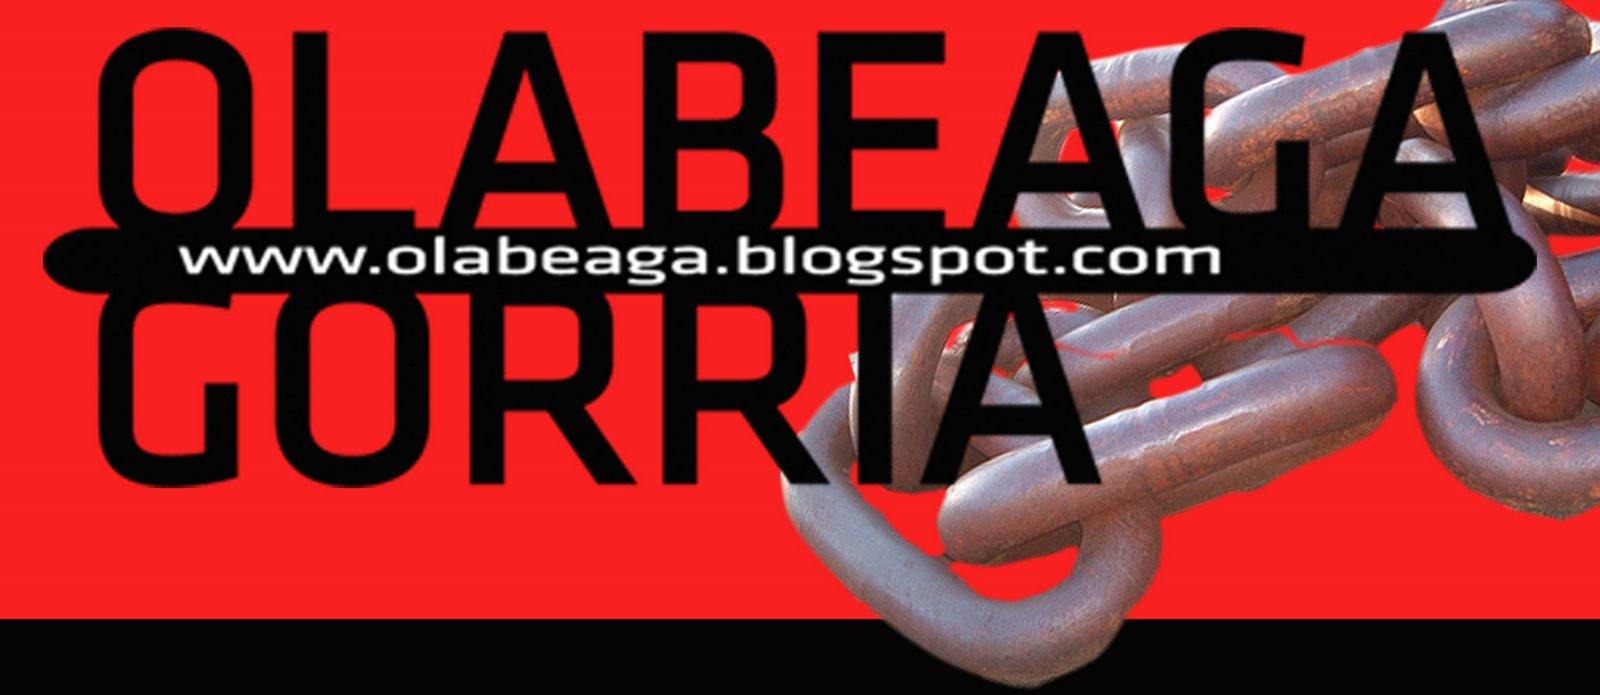 OLABEAGA GORRIA